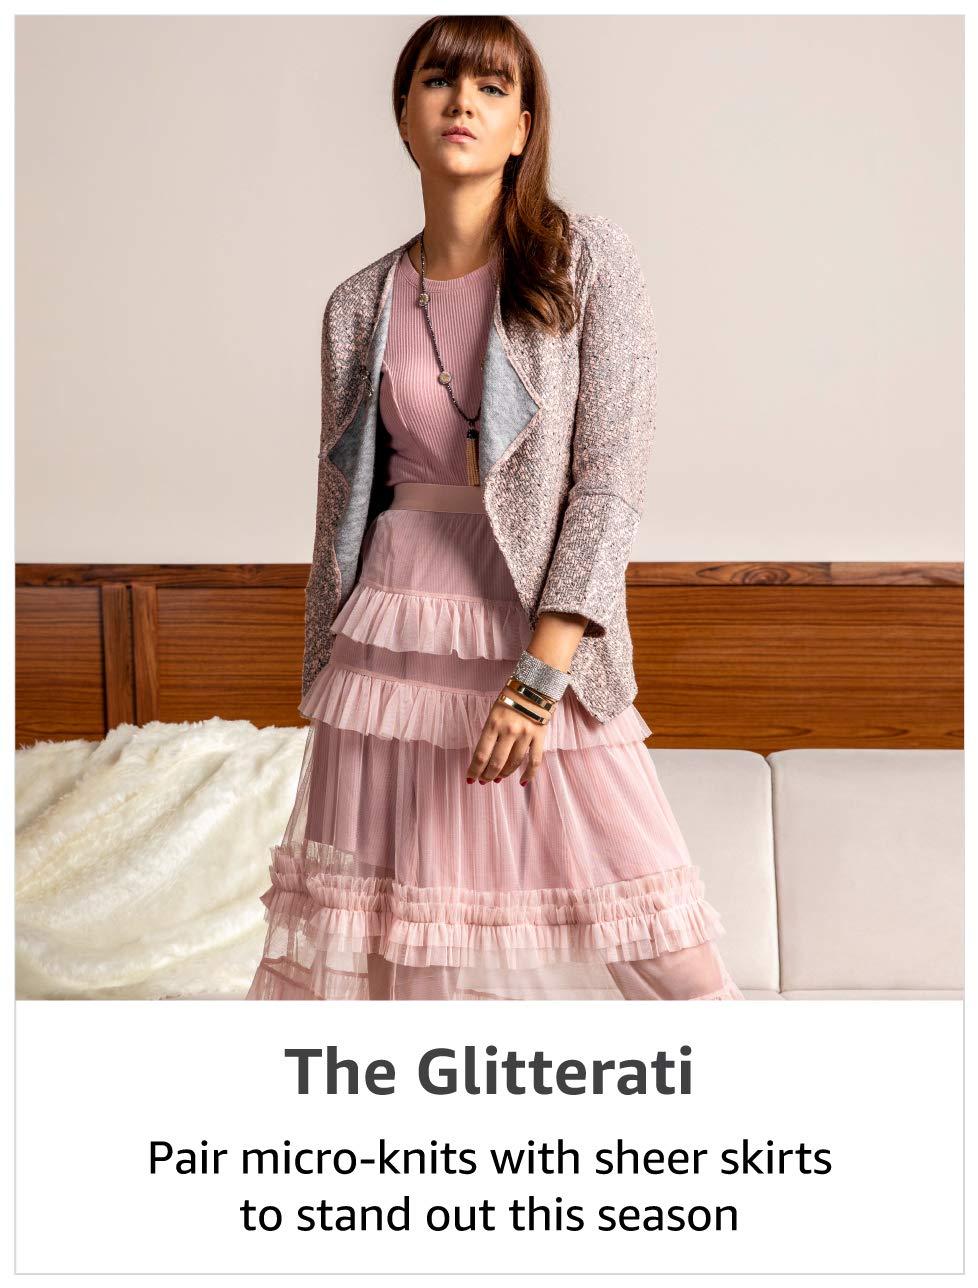 The Glitterati